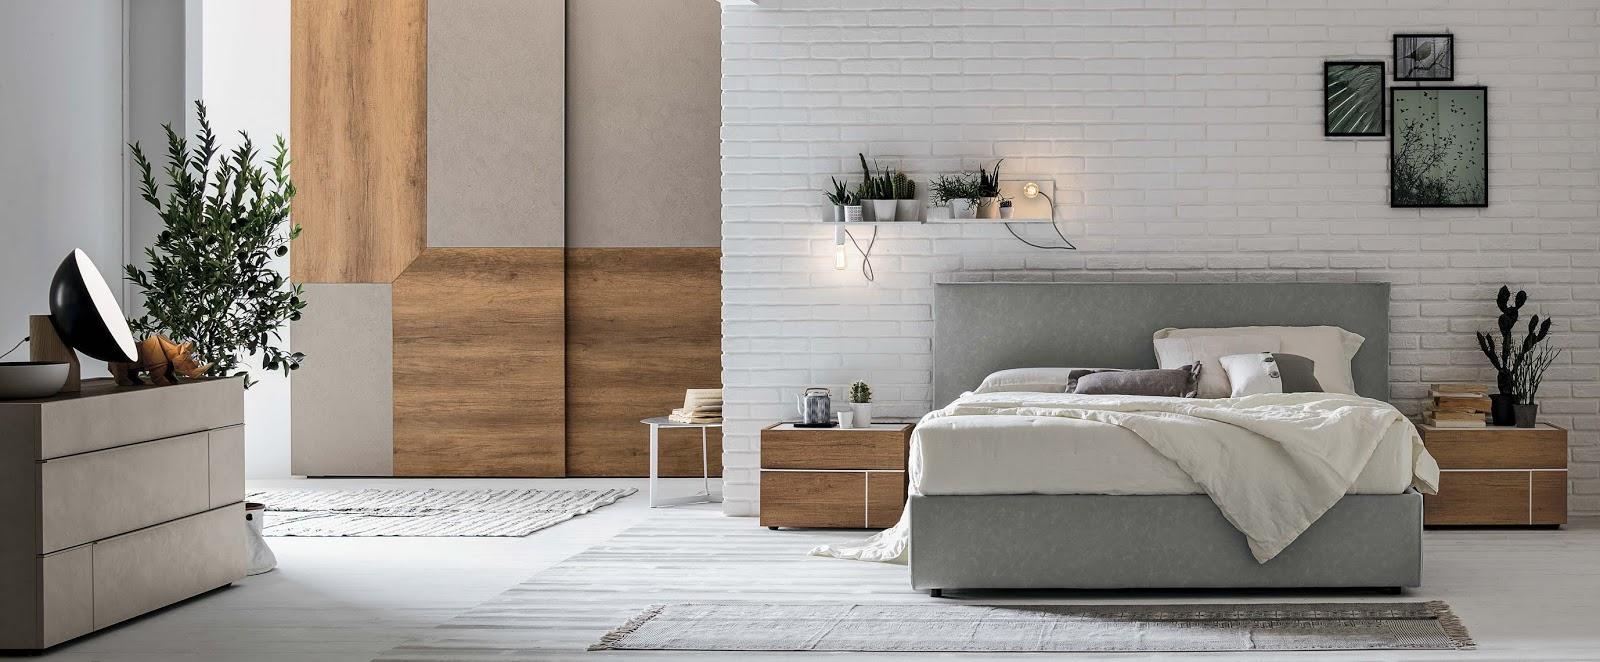 Camera da letto moderna Tomasella